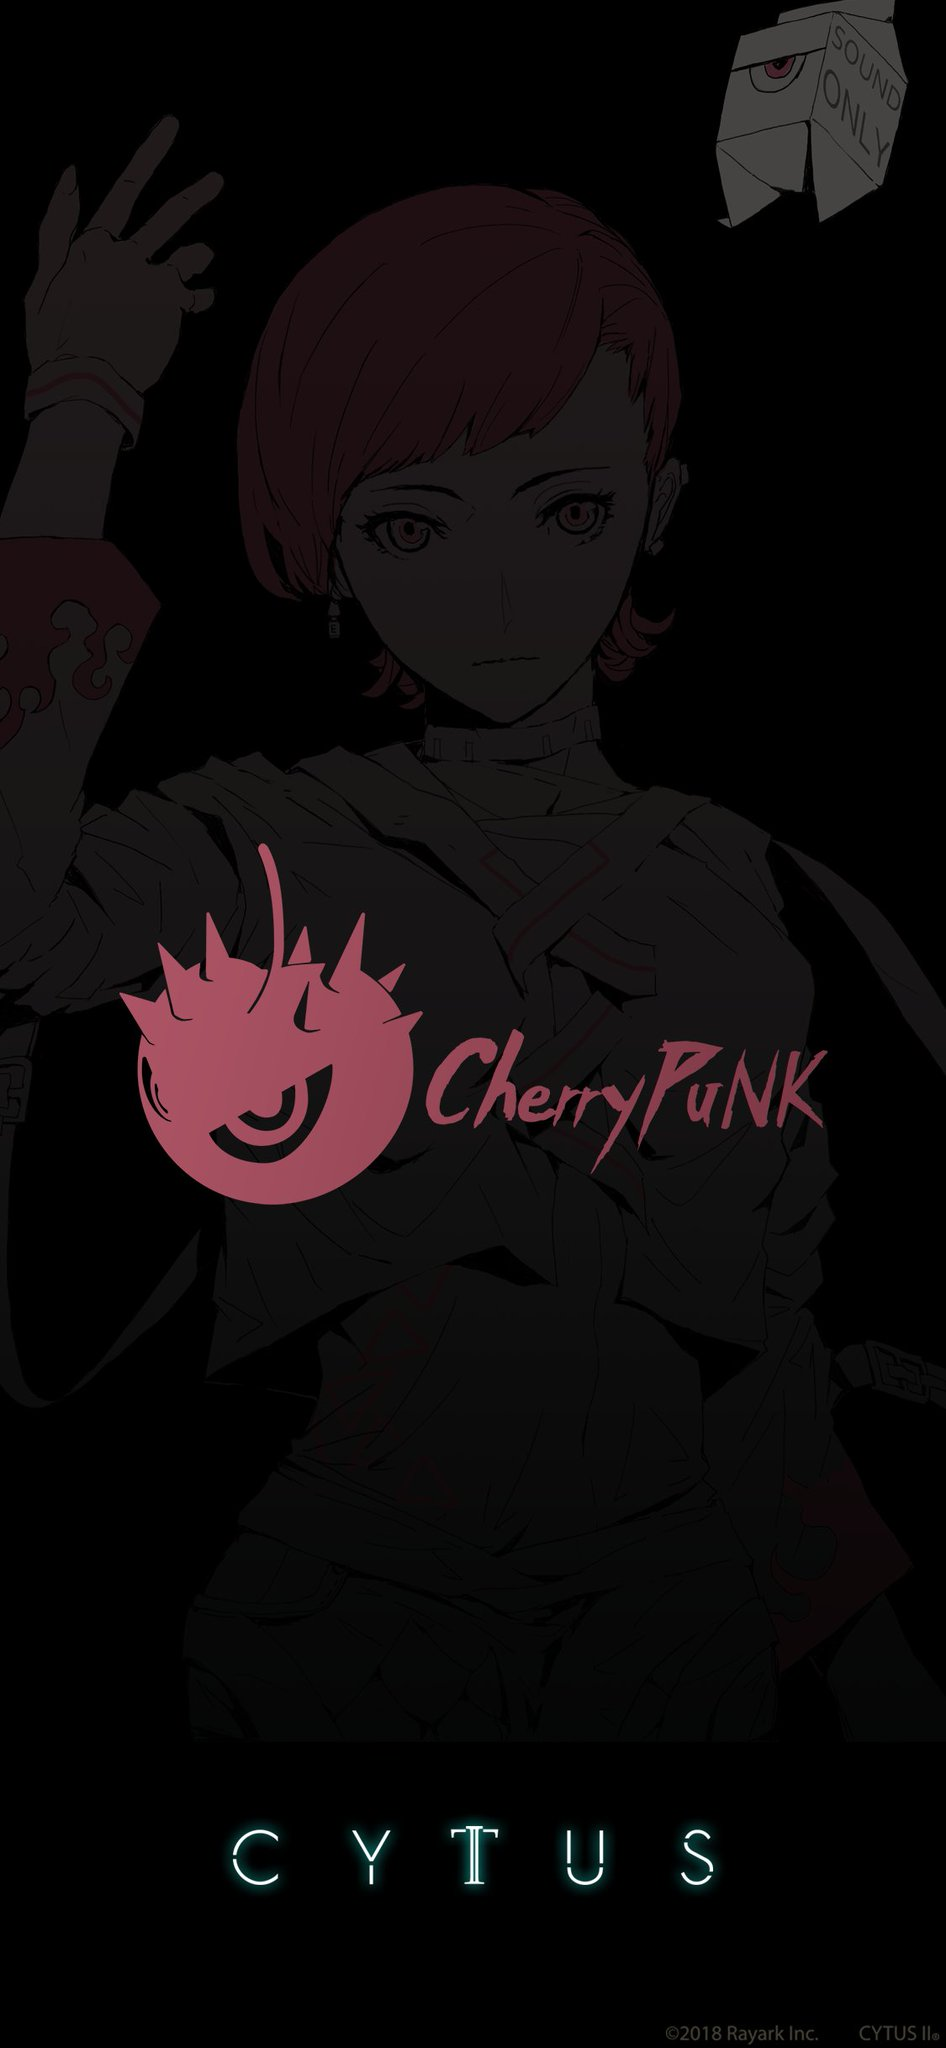 Cytus Cytus 公式 Cherrypunk Monoで撮った宣材写真これしかないんだよなー正直ちょっと飽きた Vocalist Cherry 高画質はこちら T Co Wyeaavujs2 T Co Ymgobmvl6q T Co Dw8fdob2mb